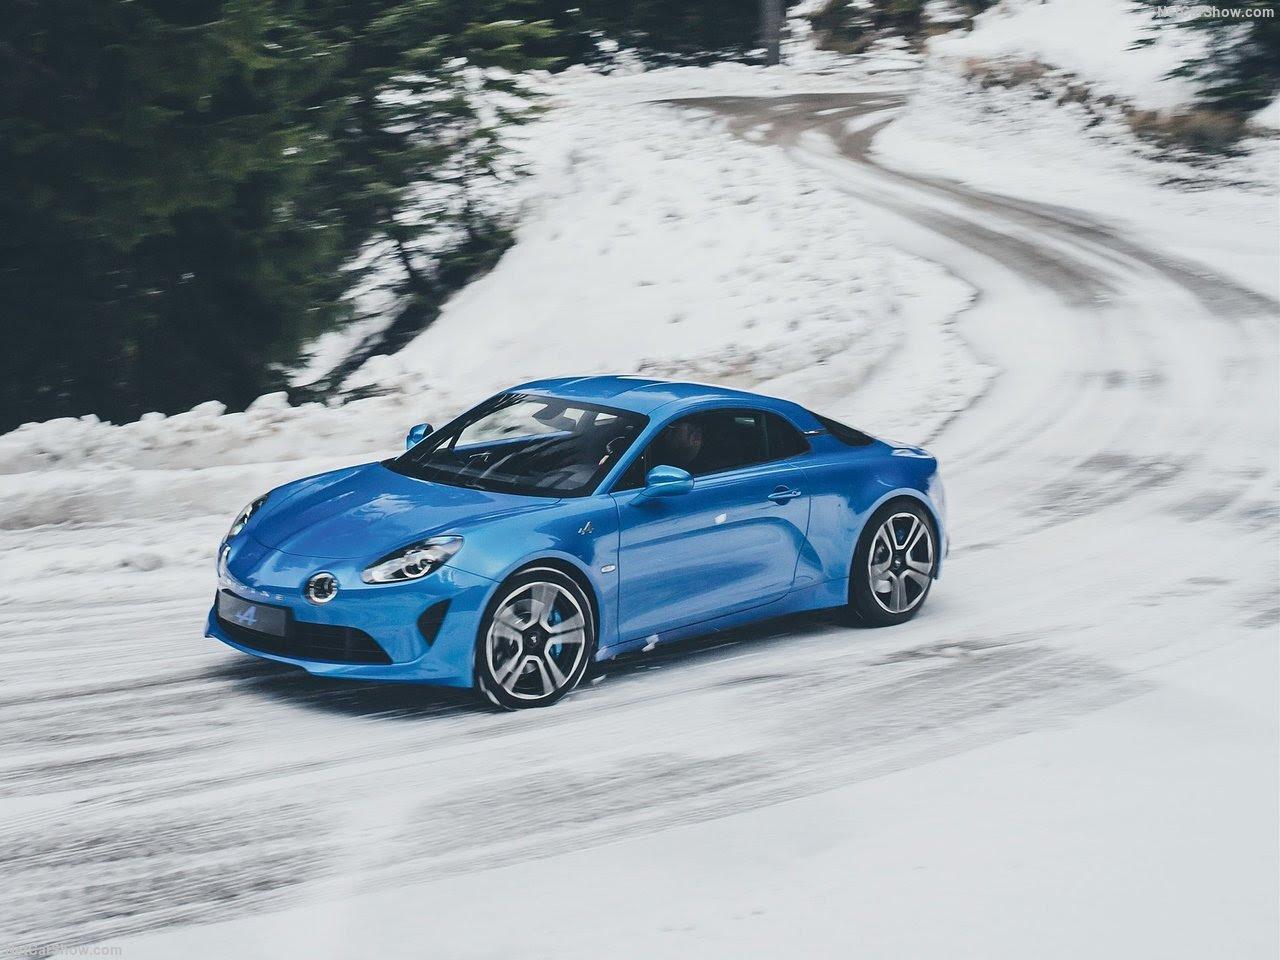 2018 Alpine A110 i